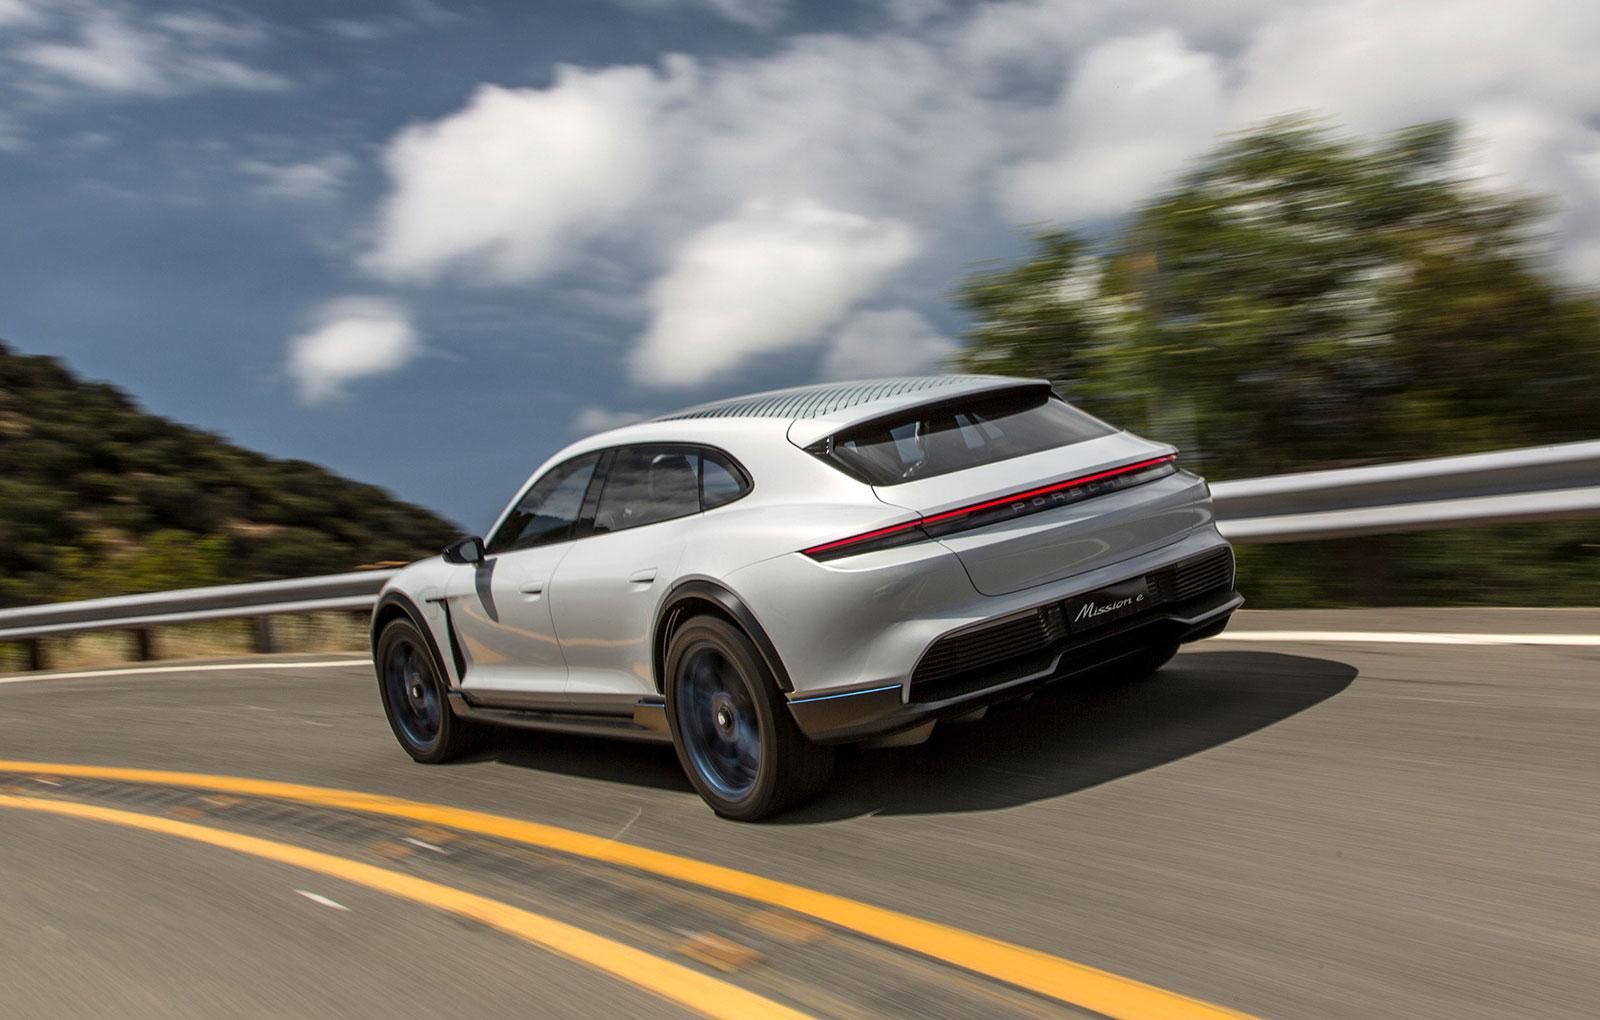 Porsche-Mission-E-Cross-Turismo4 Porsche Mission E Cross Turismo va primi o versiune de serie